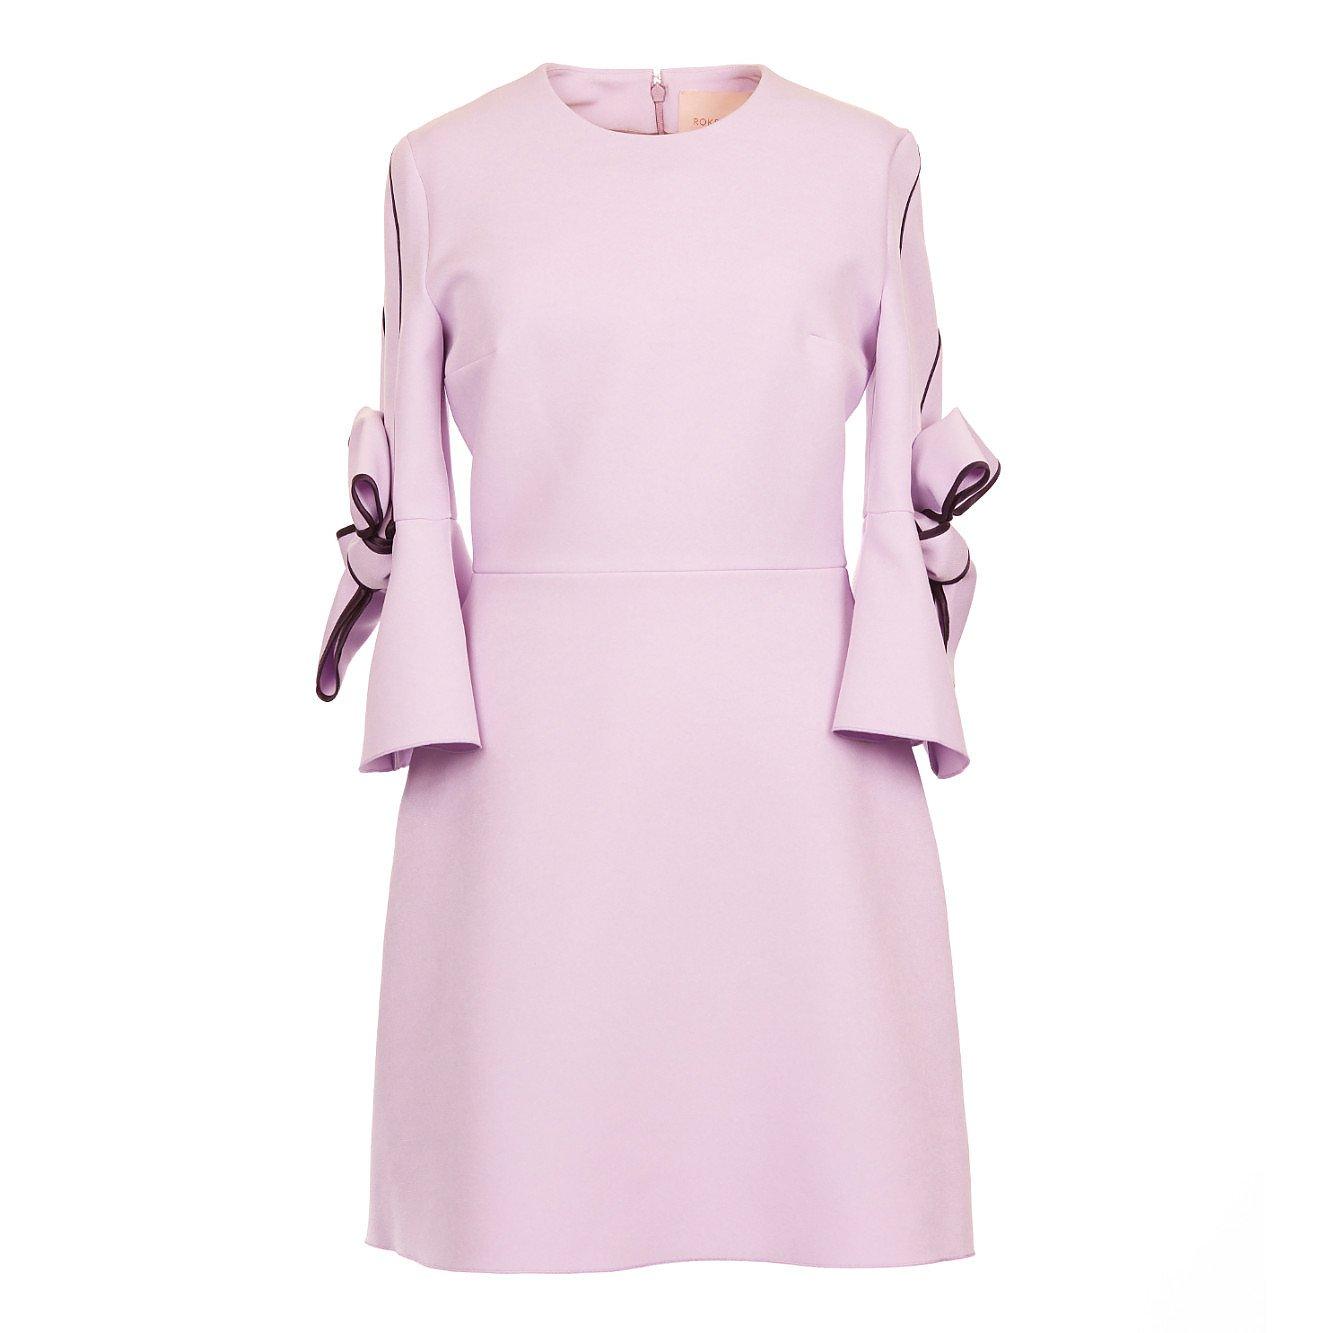 Roksanda Harlin Dress